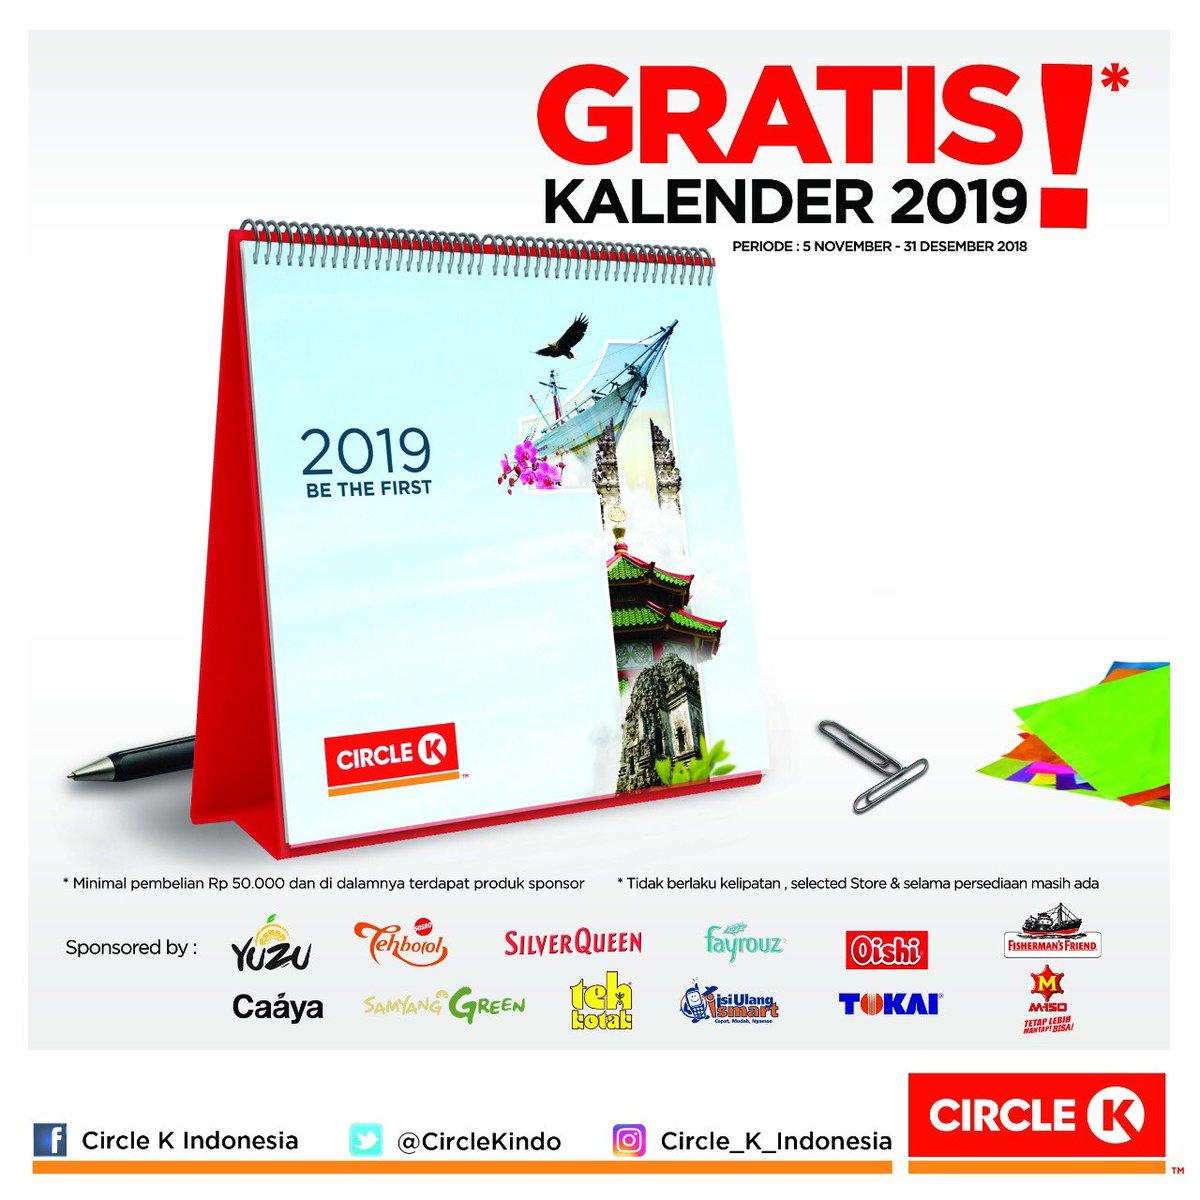 CircleK - Promo Gratis Kalender 2019 Belanja Min 50K